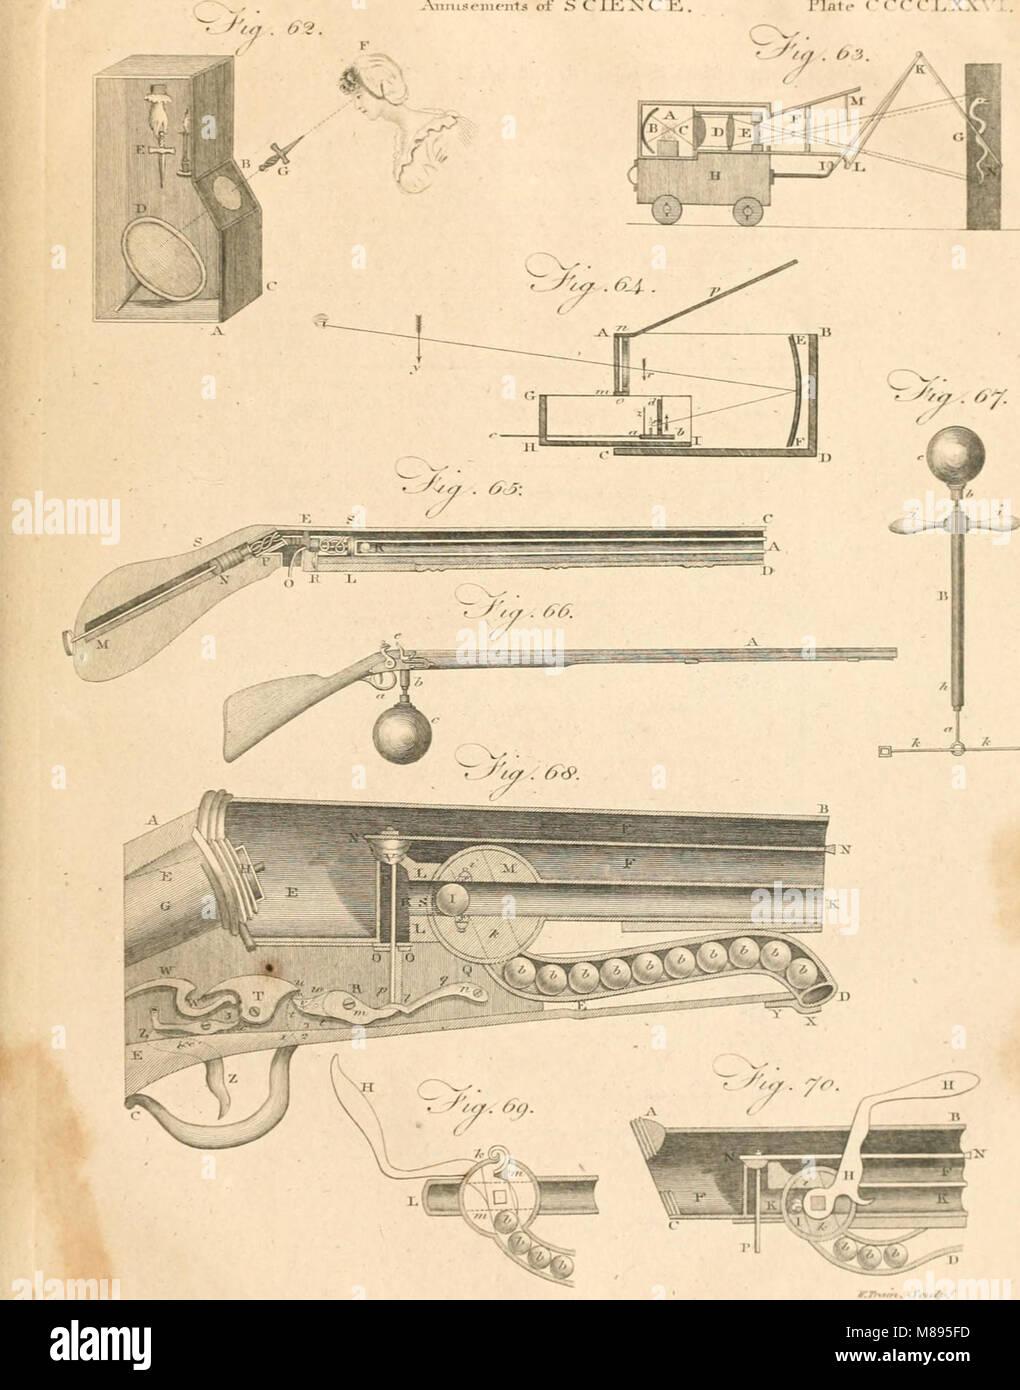 Encyclopaedia Britannica; oder, ein Wörterbuch der Künste, Wissenschaften und verschiedene Literatur (1810) (14580561030) Stockfoto